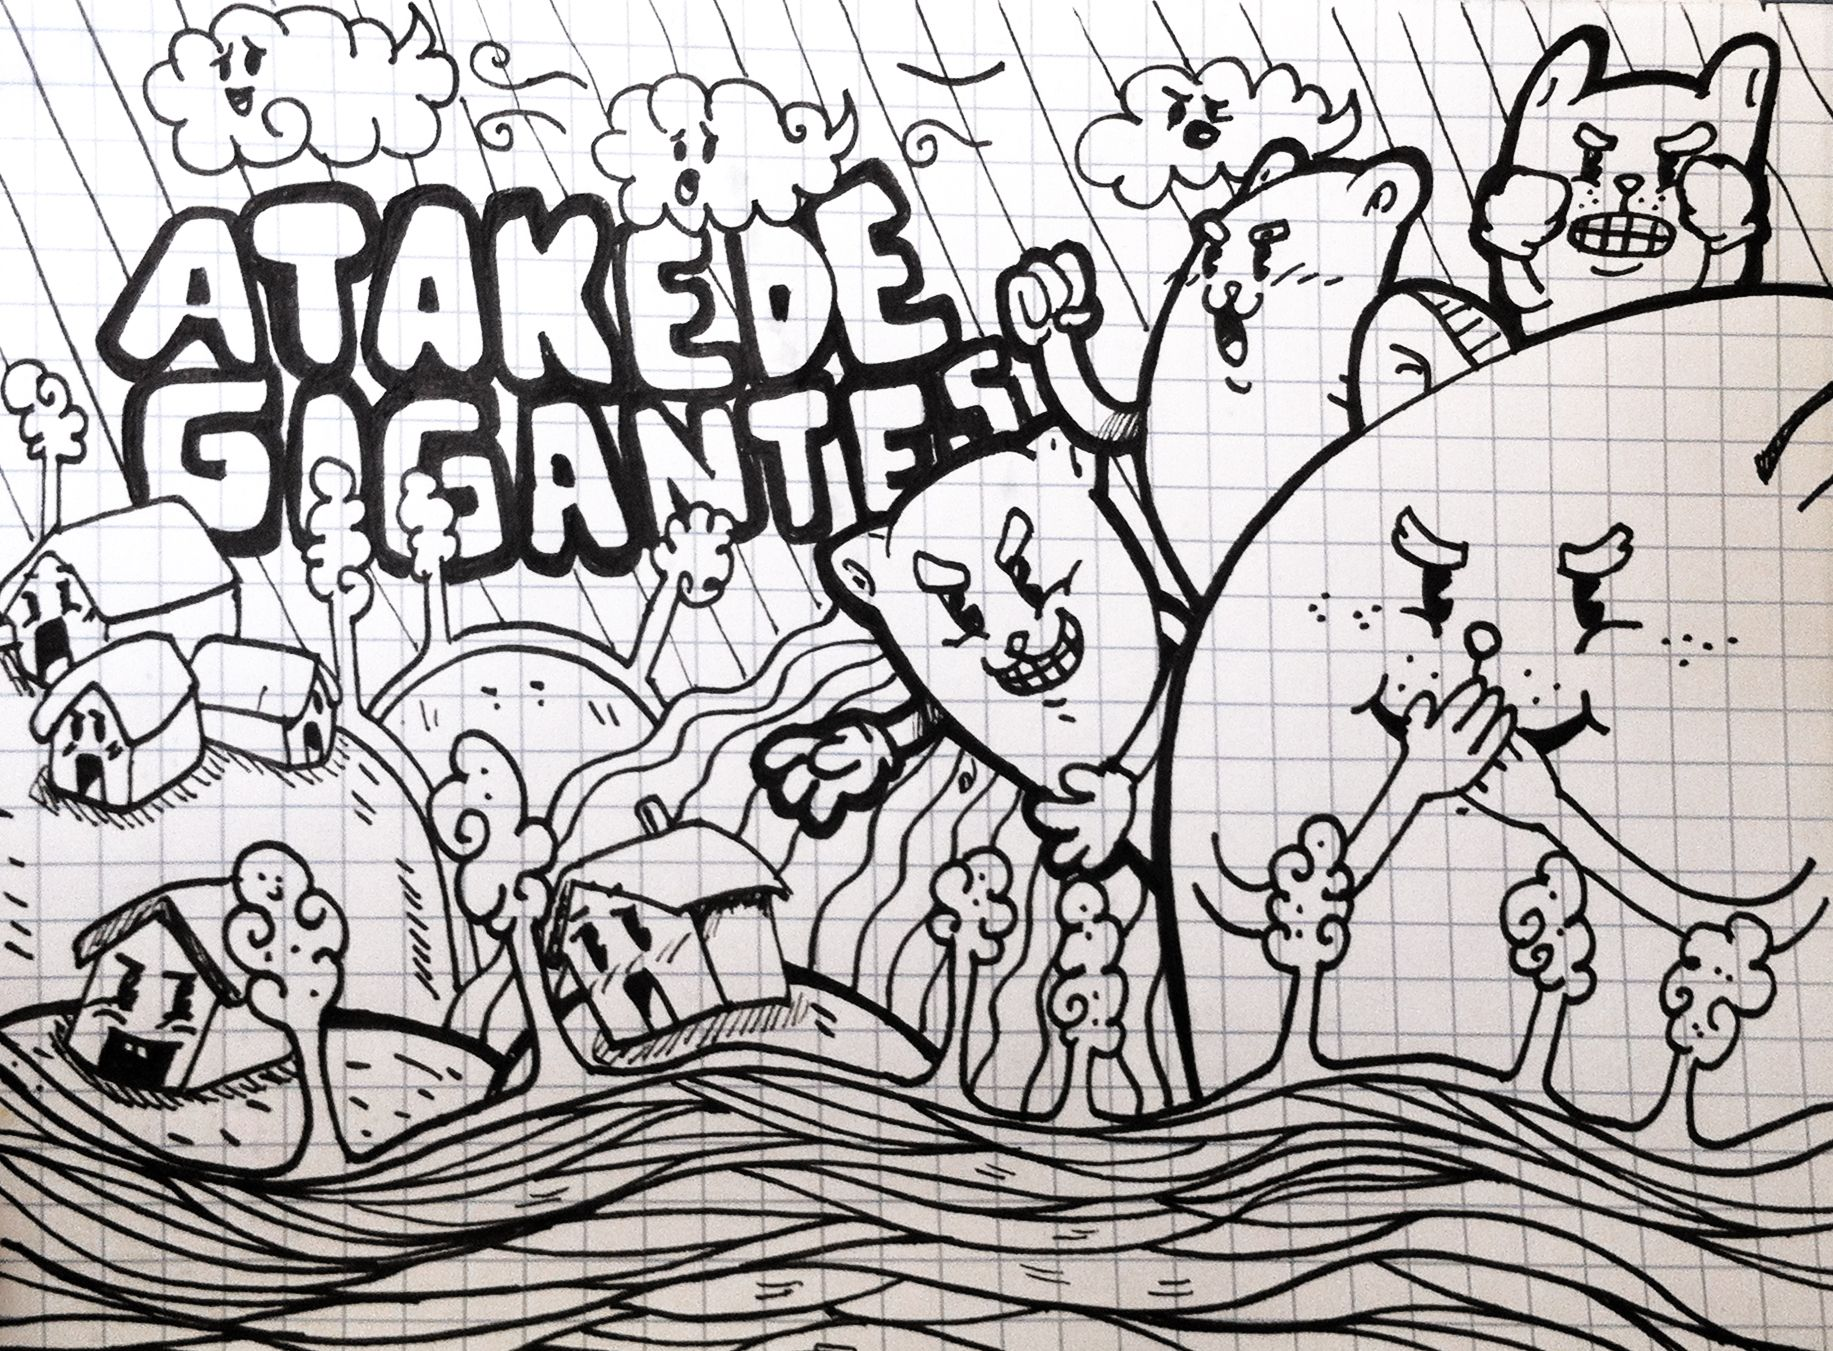 AtakedeGigantes :B